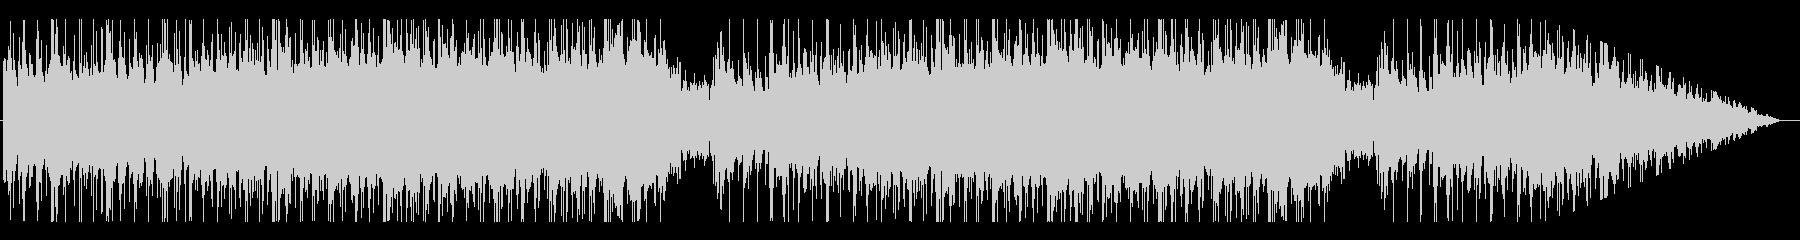 ロックなエレキギター/テンション上げの未再生の波形